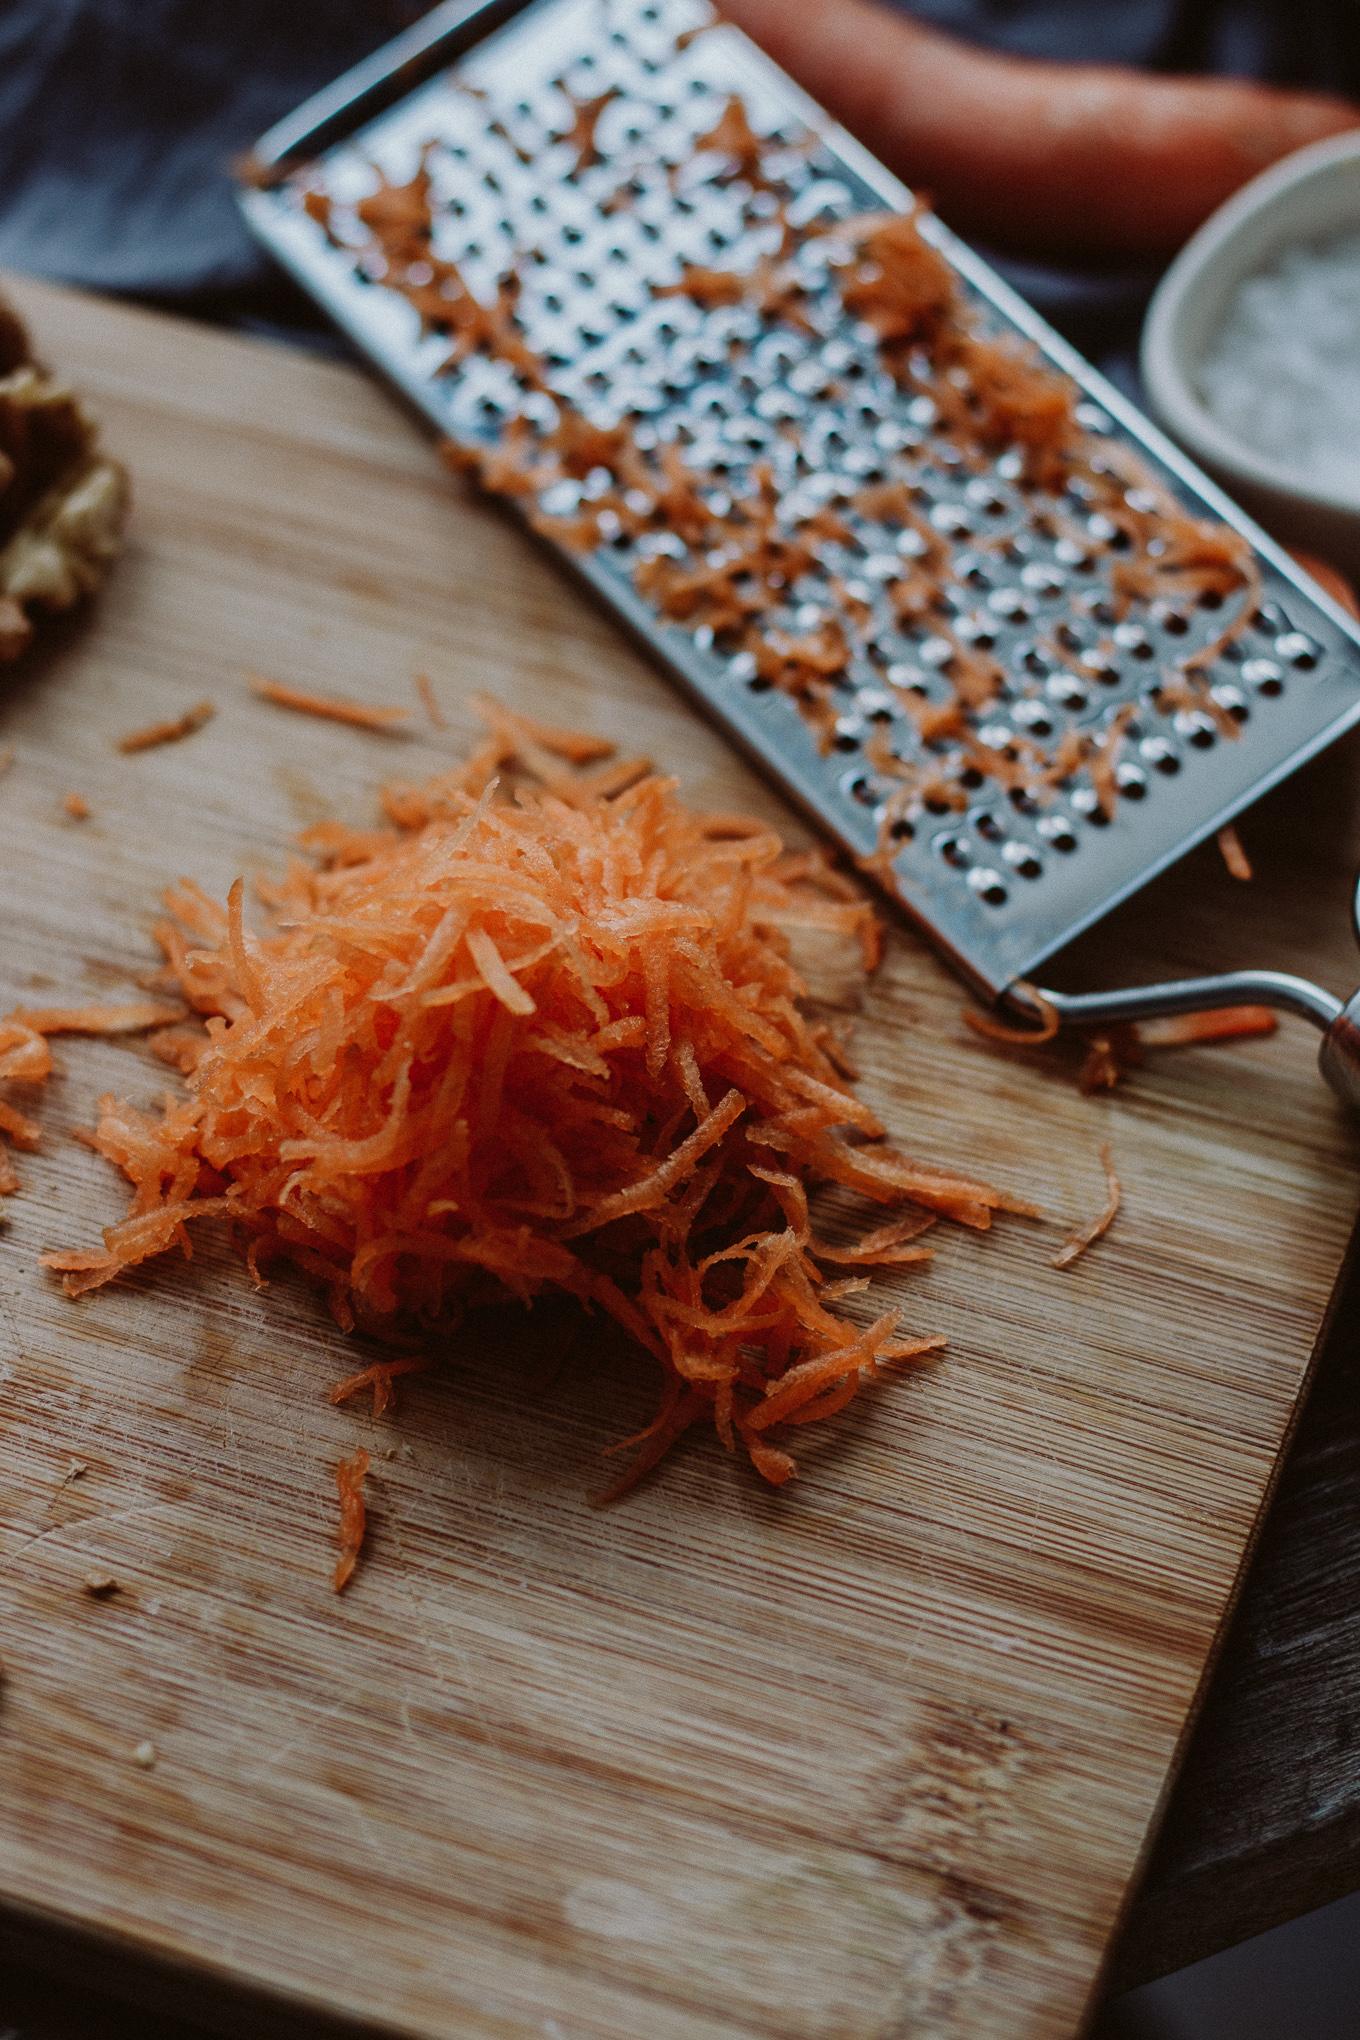 The Daily Dose Rezept veganer Carrot Cake Porrdige